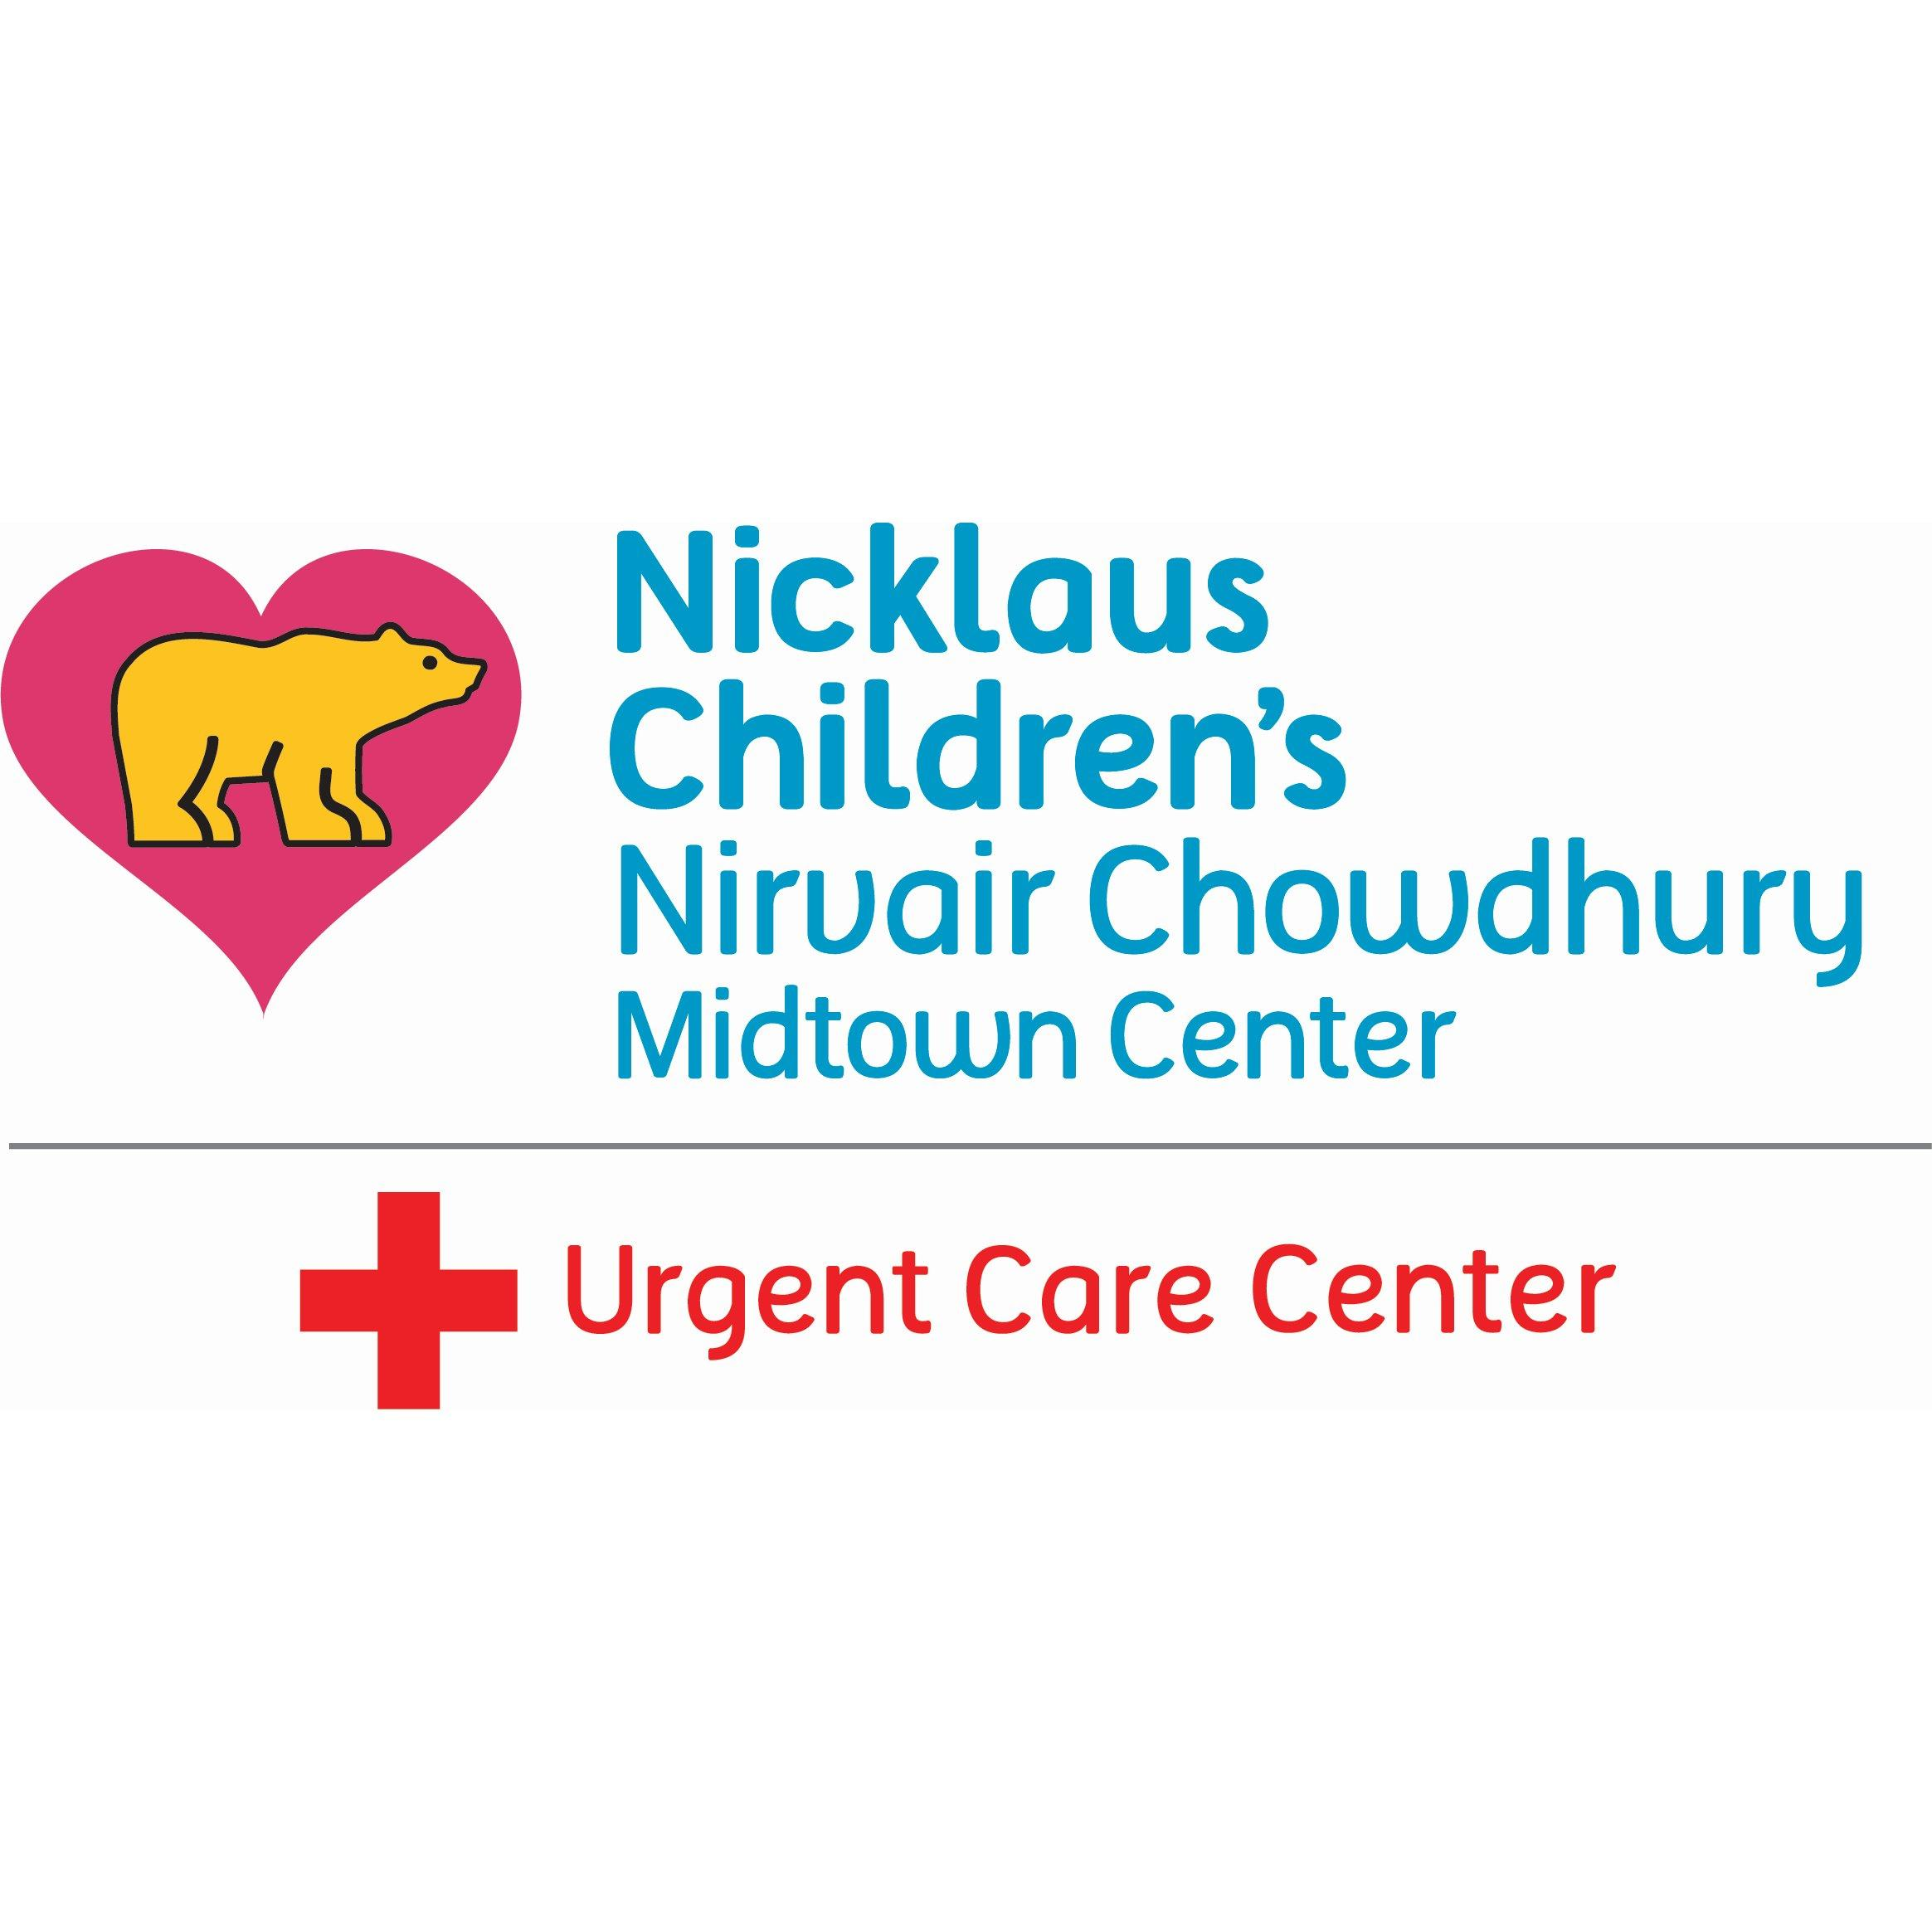 Nicklaus Children's Nirvair Chowdhury Urgent Care Center